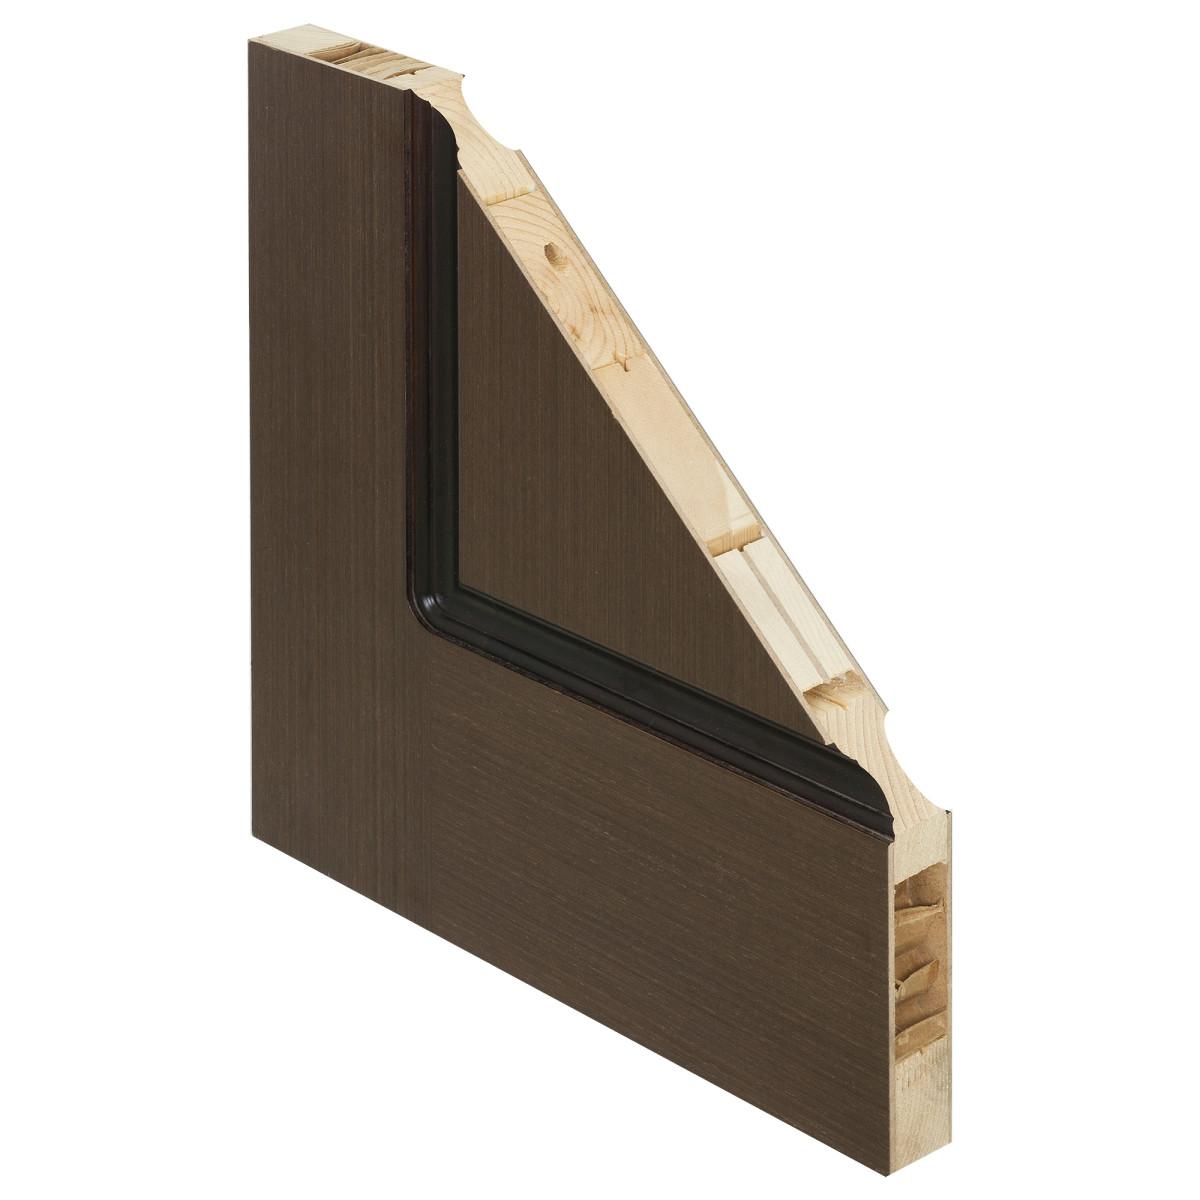 Дверь межкомнатная глухая Классика 80x200 см шпон венге